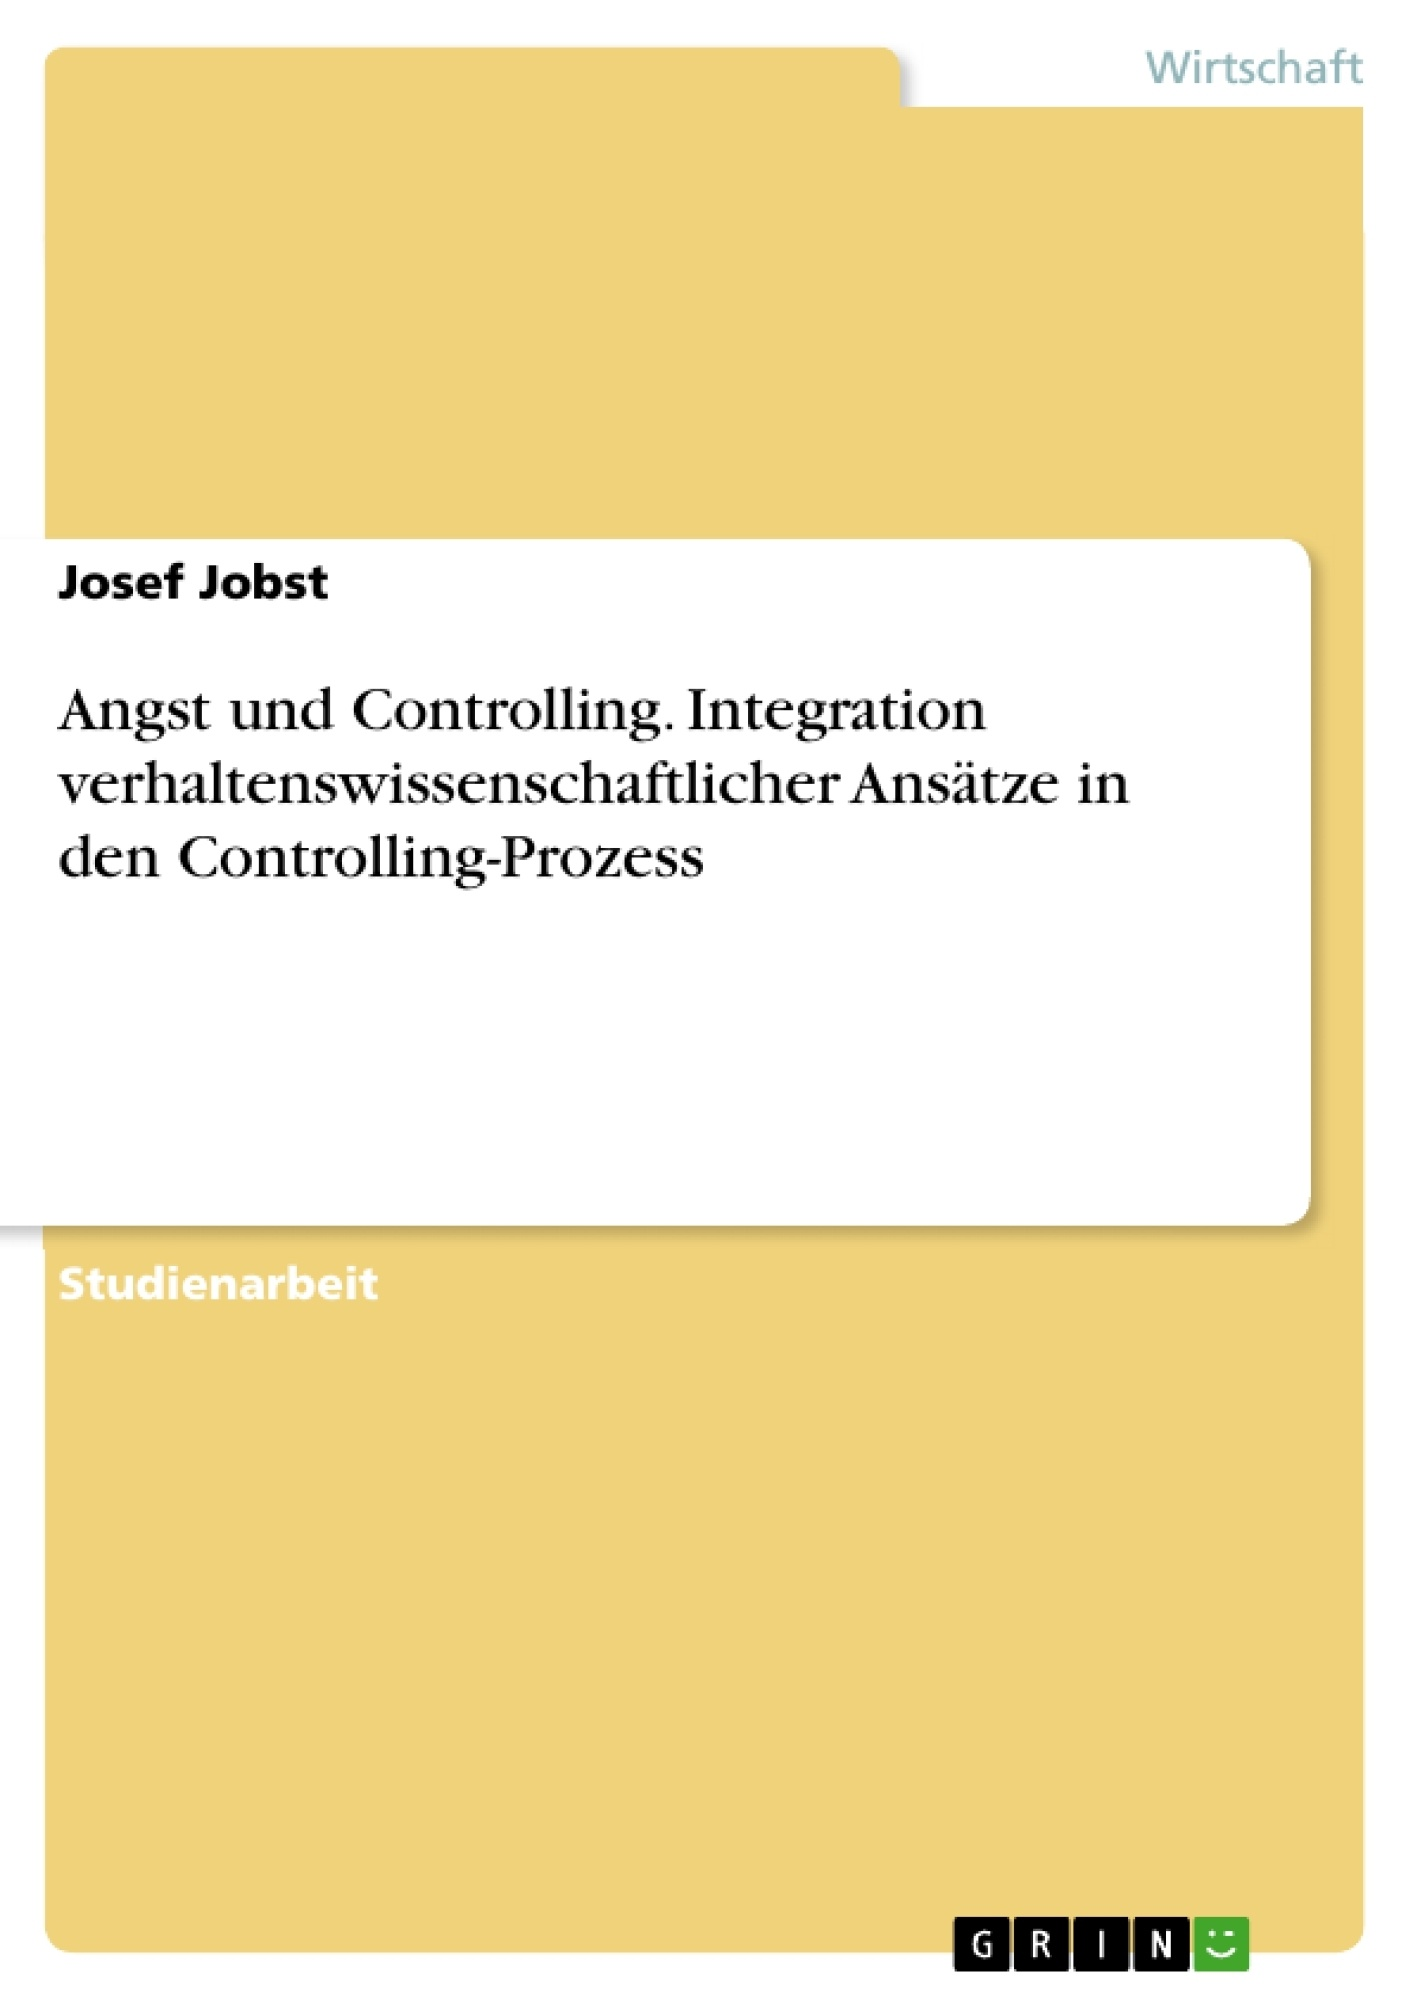 Titel: Angst und Controlling. Integration verhaltenswissenschaftlicher Ansätze in den Controlling-Prozess